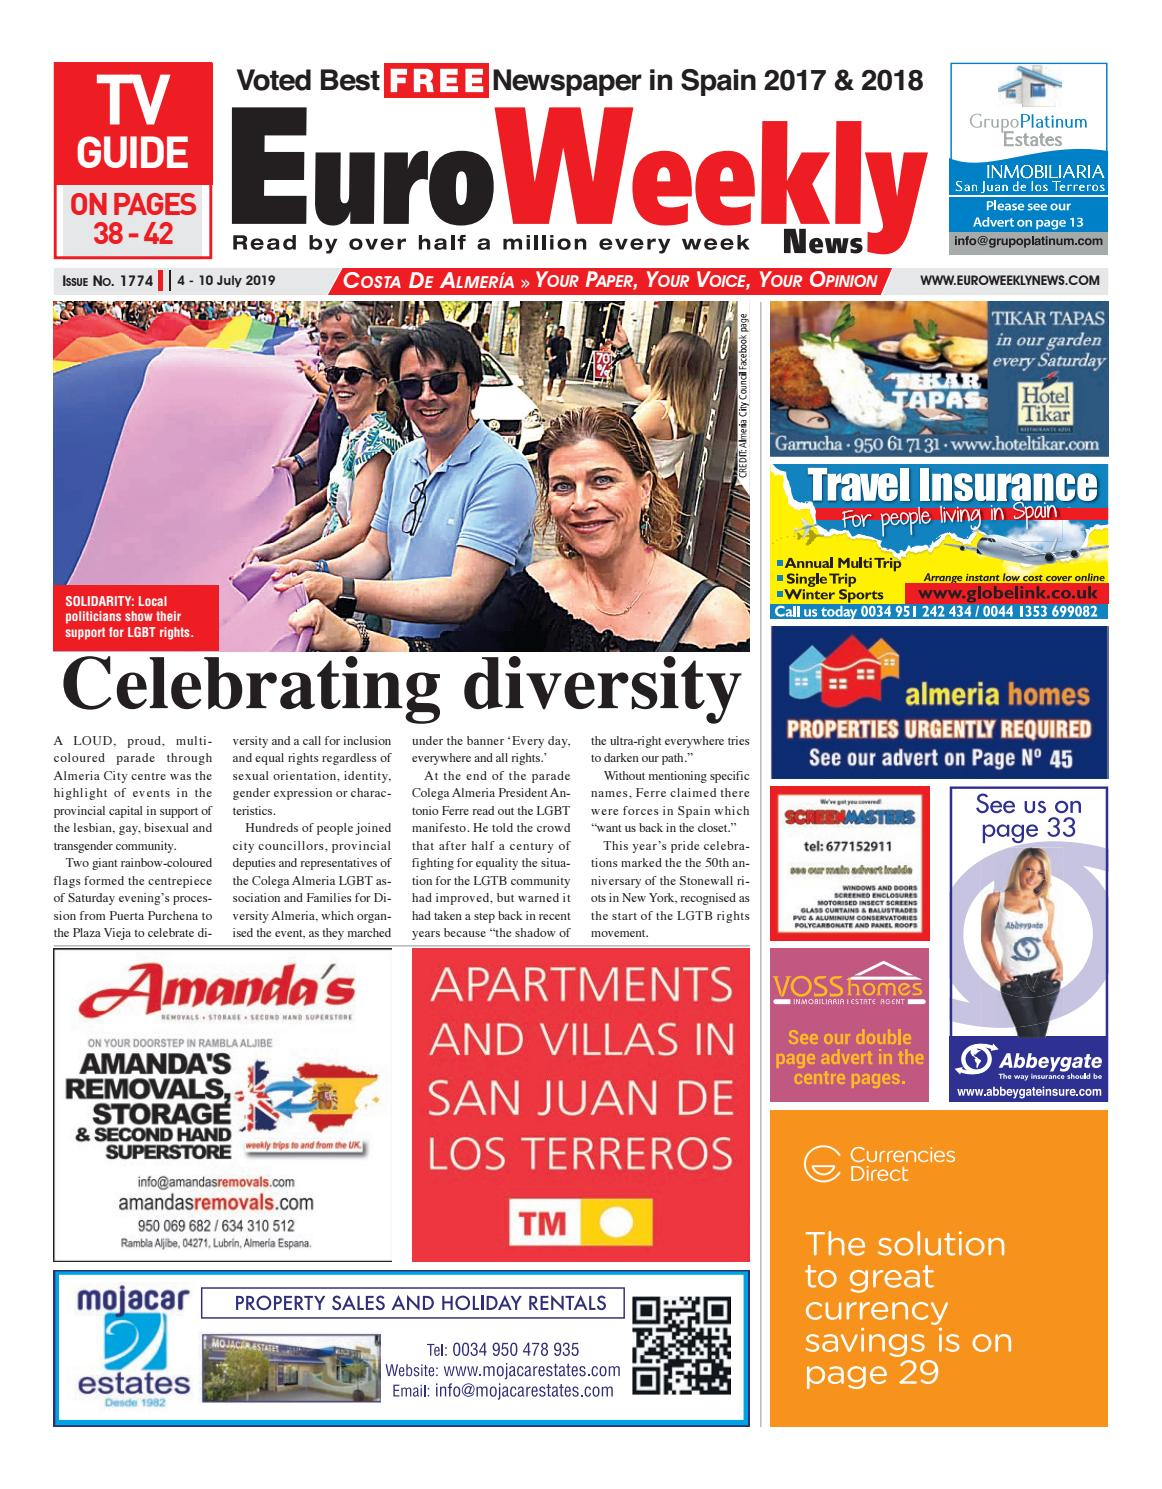 Euro Weekly News - Costa de Almeria 4 - 10 July 2019 Issue